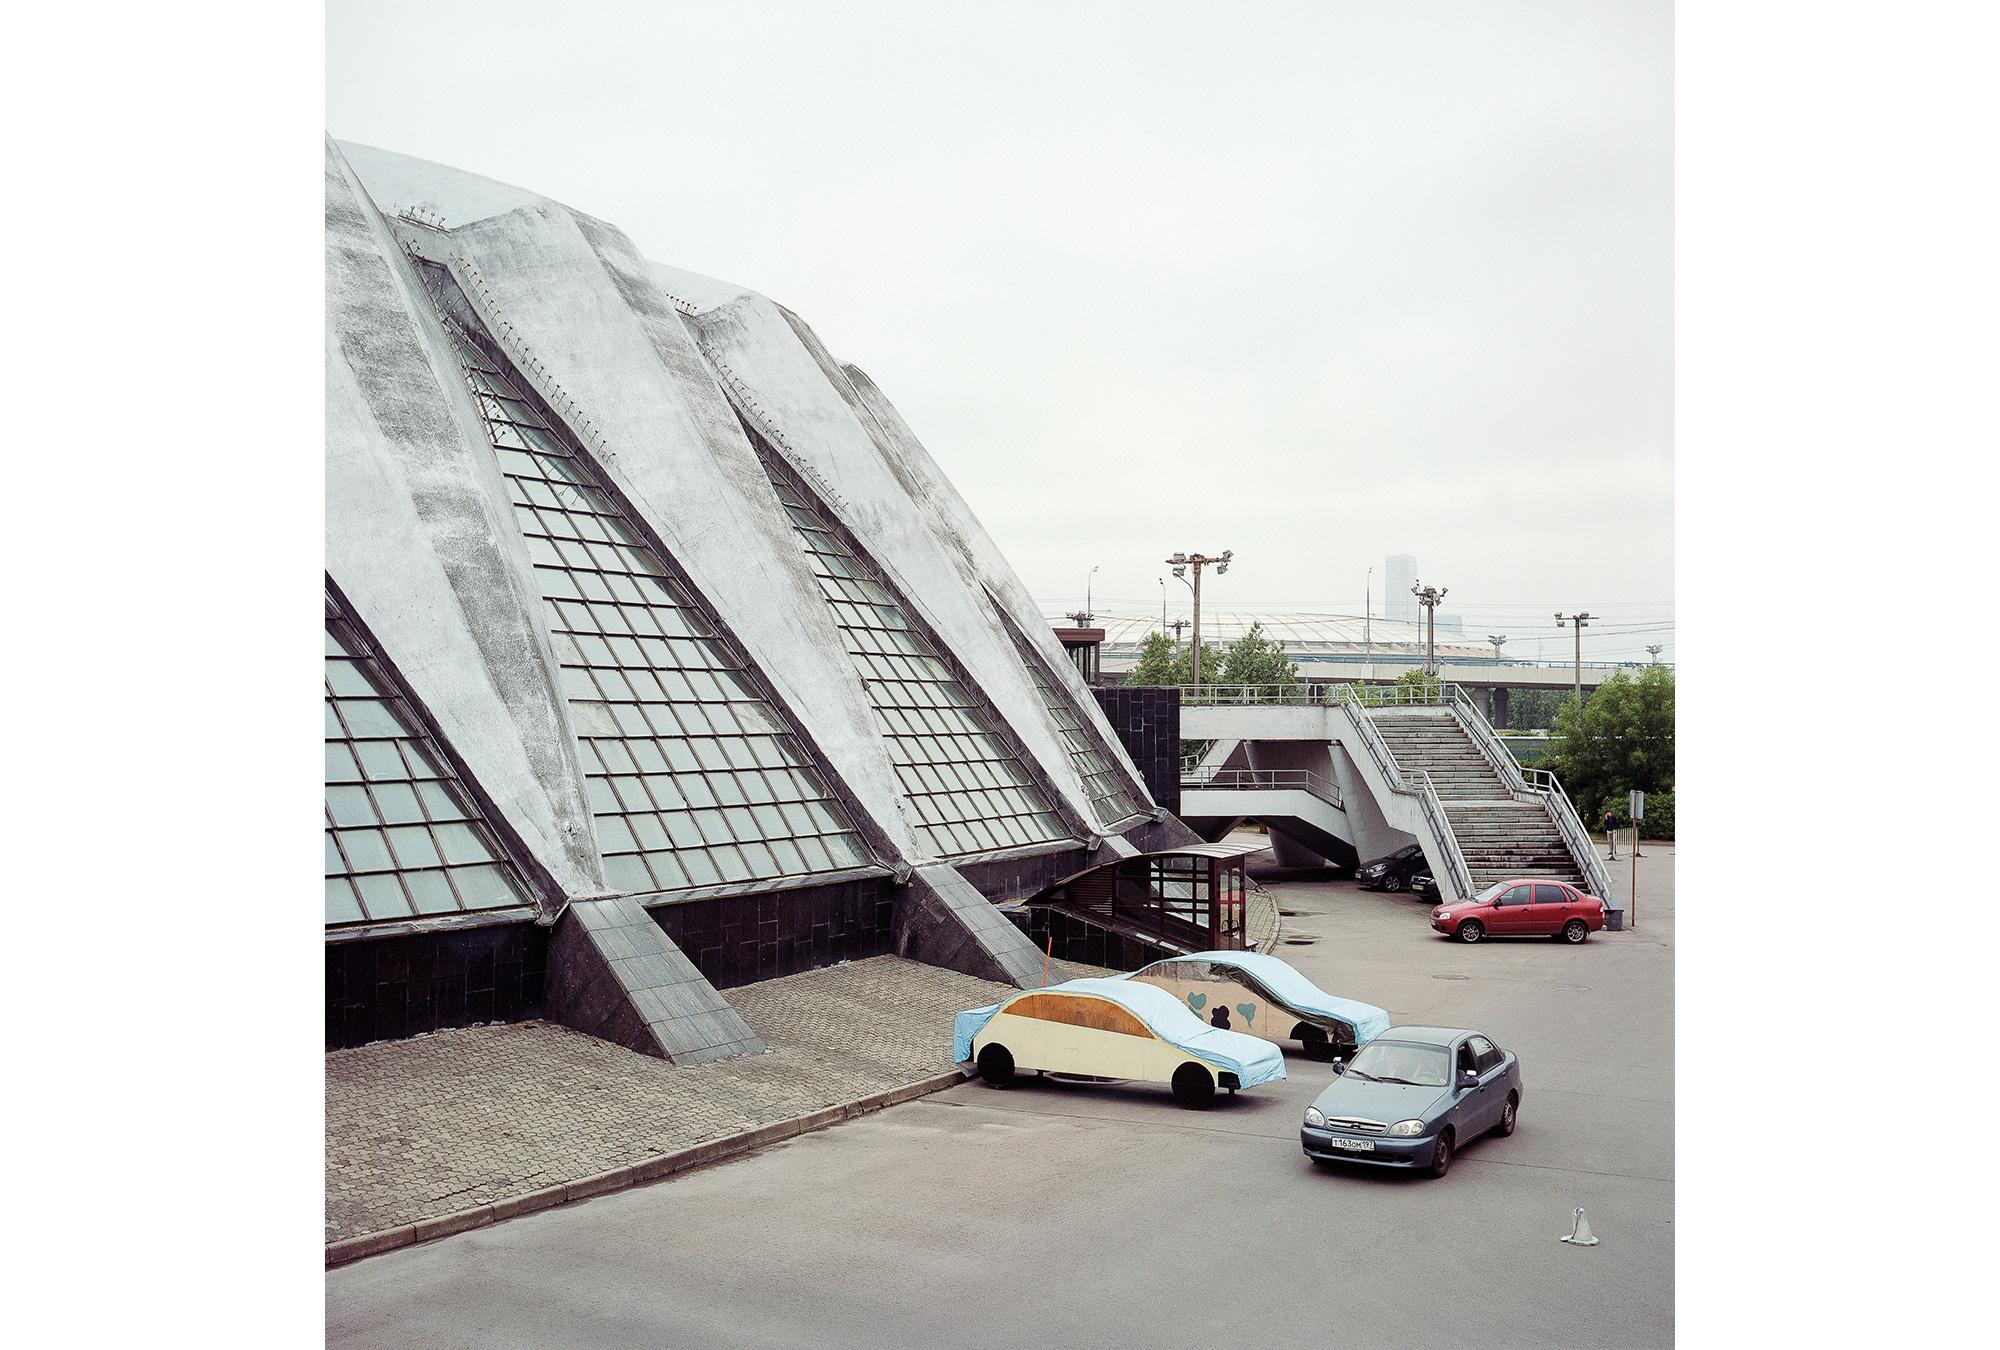 Der Sportkomplex Druzhba (dt. Freundschaft), fertiggestellt 1980, war der Wettkampfort für die Volleyballer. Heutzutage finden hier Tennismeisterschaften und Musikveranstaltungen statt. Fotos © Anastasia Tsayder